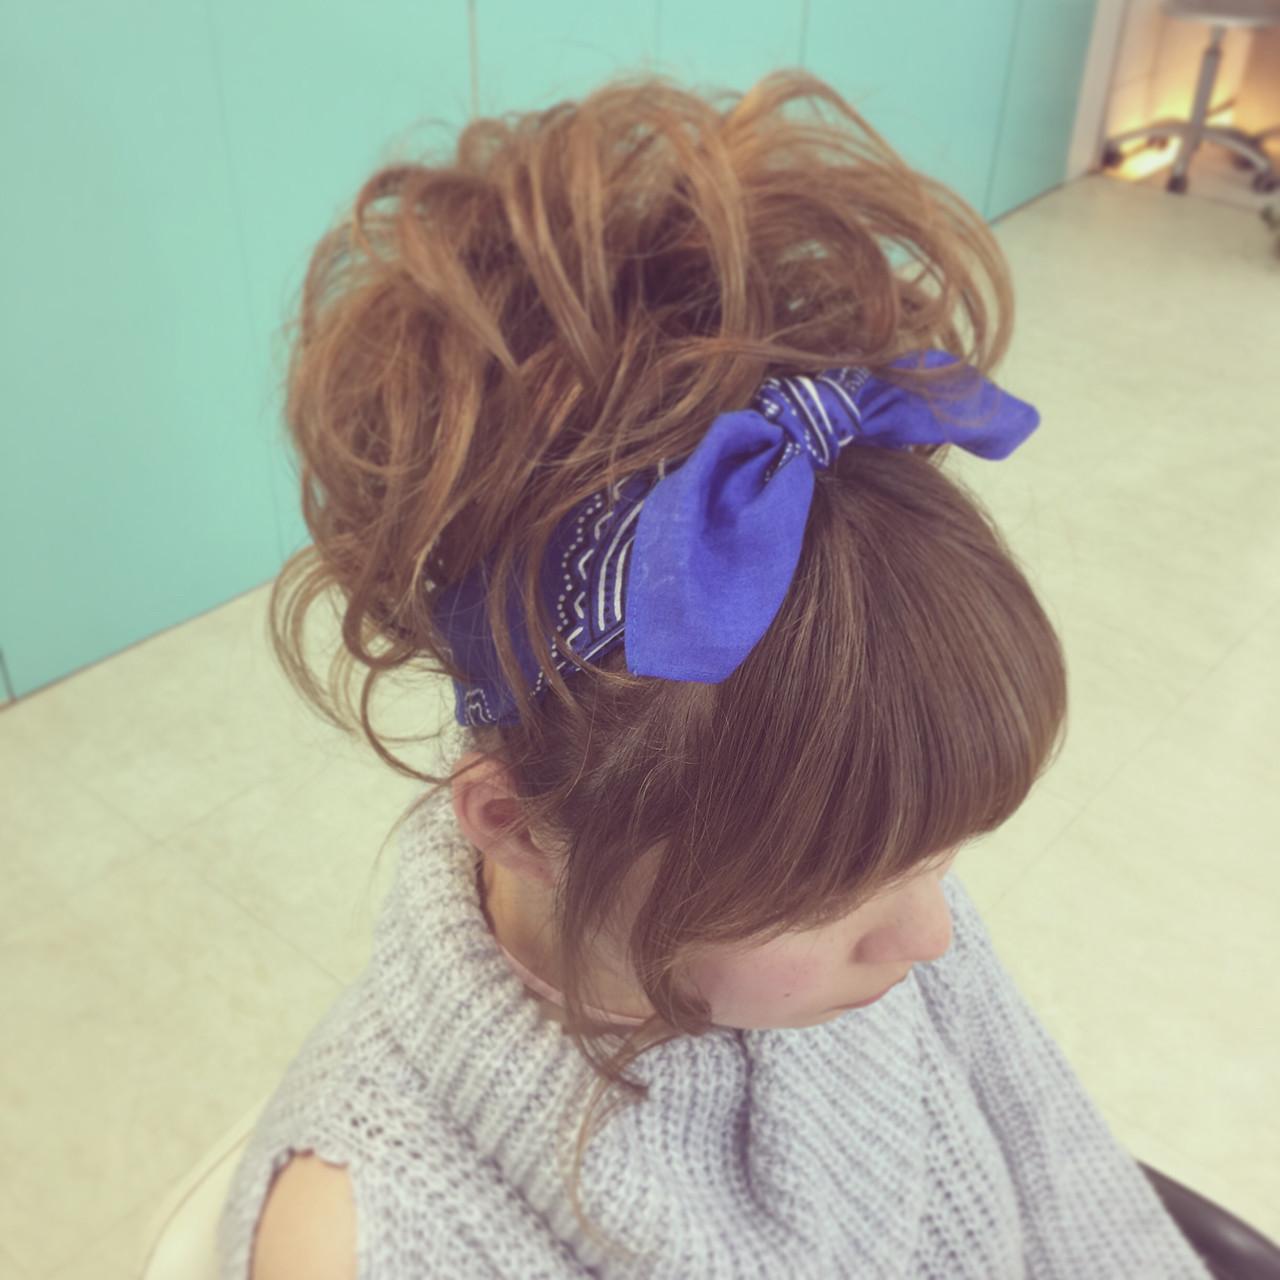 ヘアアレンジ ガーリー ミディアム バンダナ ヘアスタイルや髪型の写真・画像